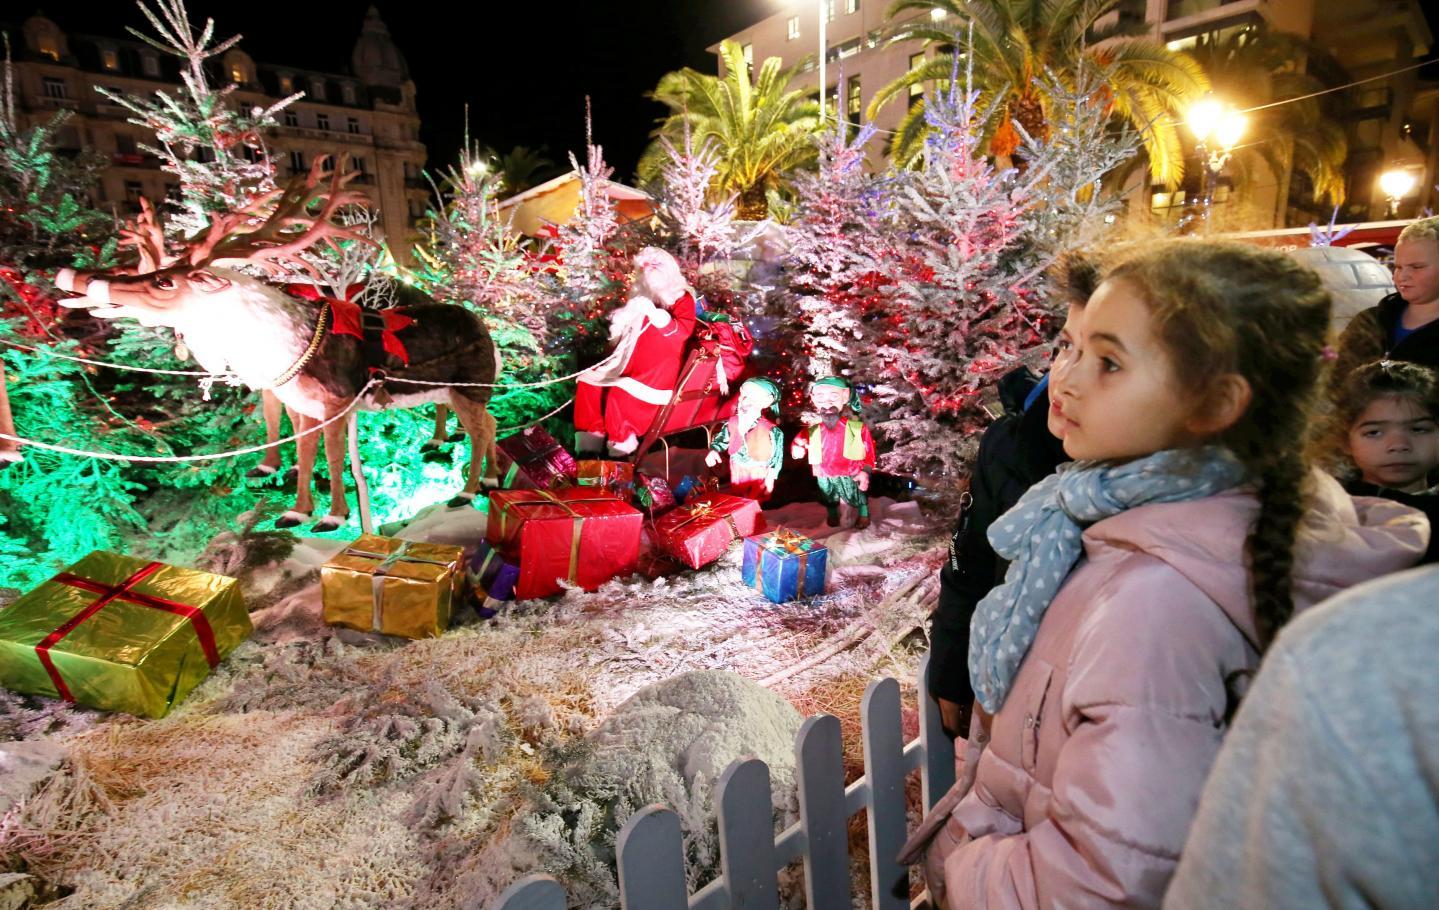 Première soirée festive, hier au village de Noël, à l'occasion de son inauguration par le maire, avec les enfants de la section cuivre du conservatoire de TPM.